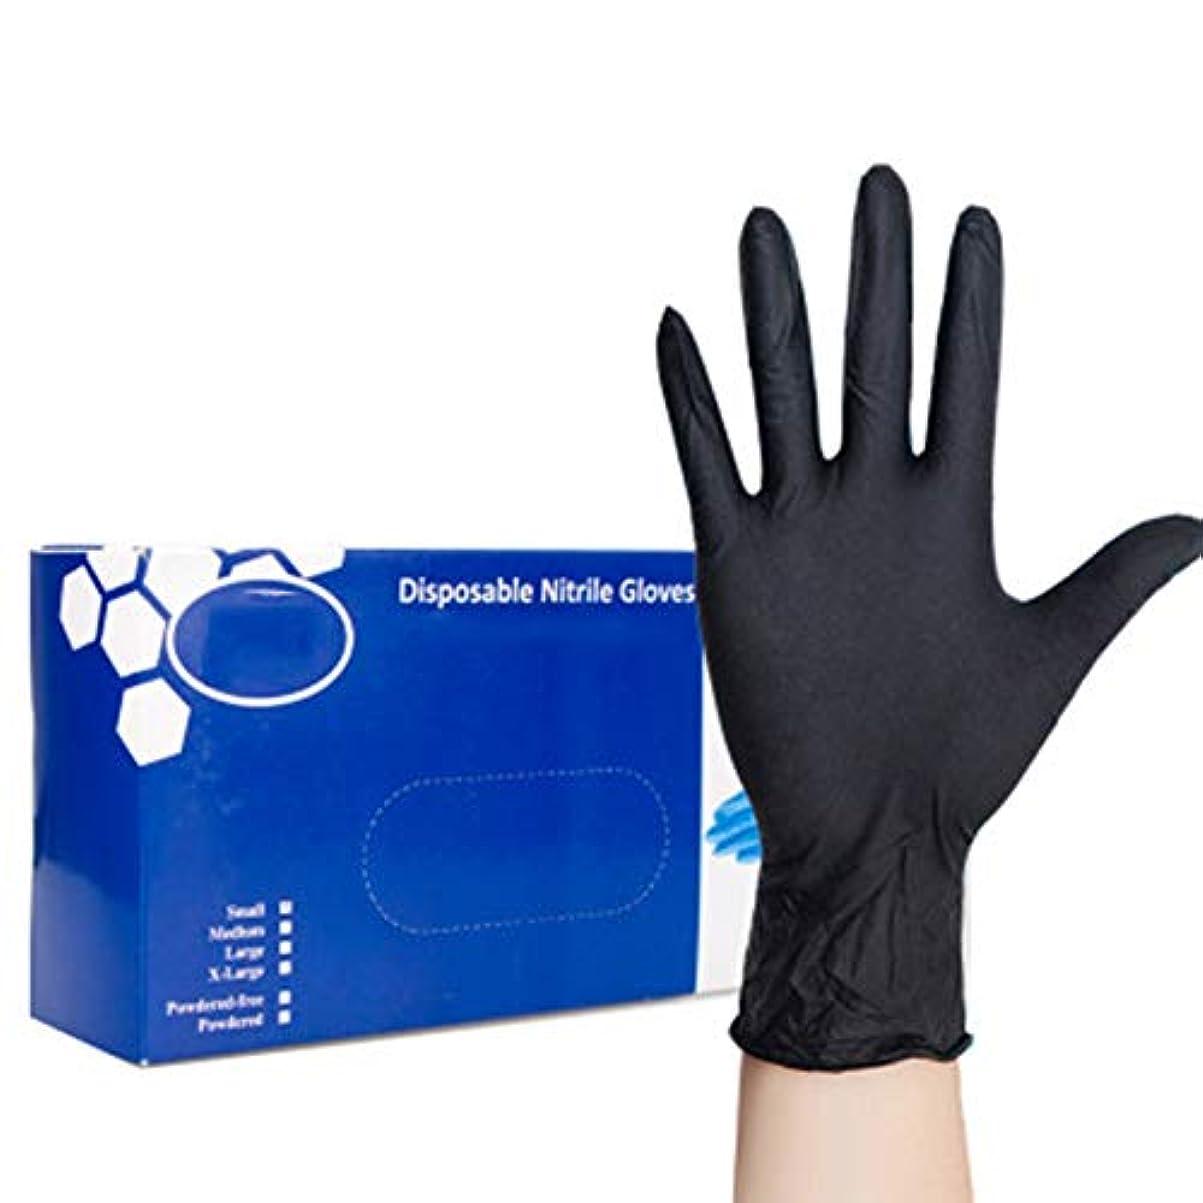 水っぽい数学者ロッド使い捨てニトリル手袋 滑りにくい 超弾性 多用途 黒 耐摩耗性および耐汚染性の美容サロングローブ(1箱100個)